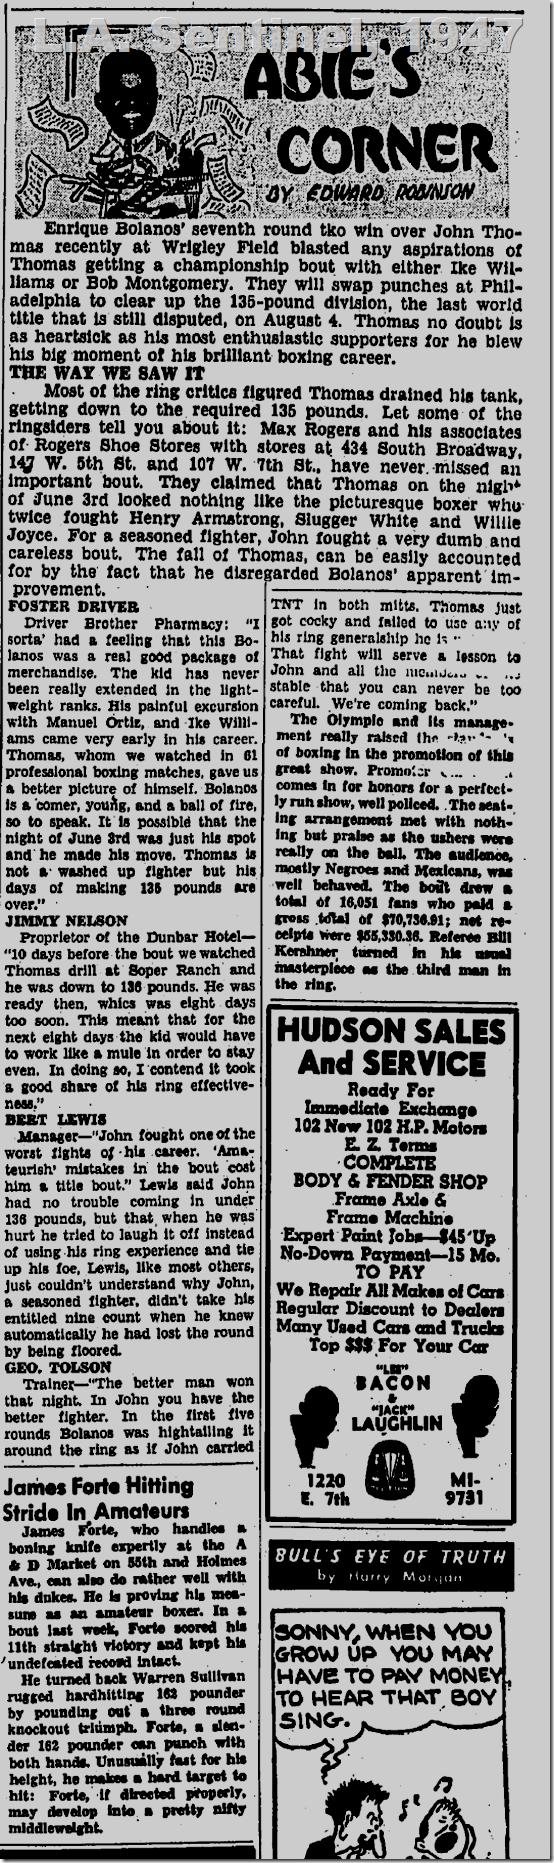 June 12, 1947, Abie's Corner